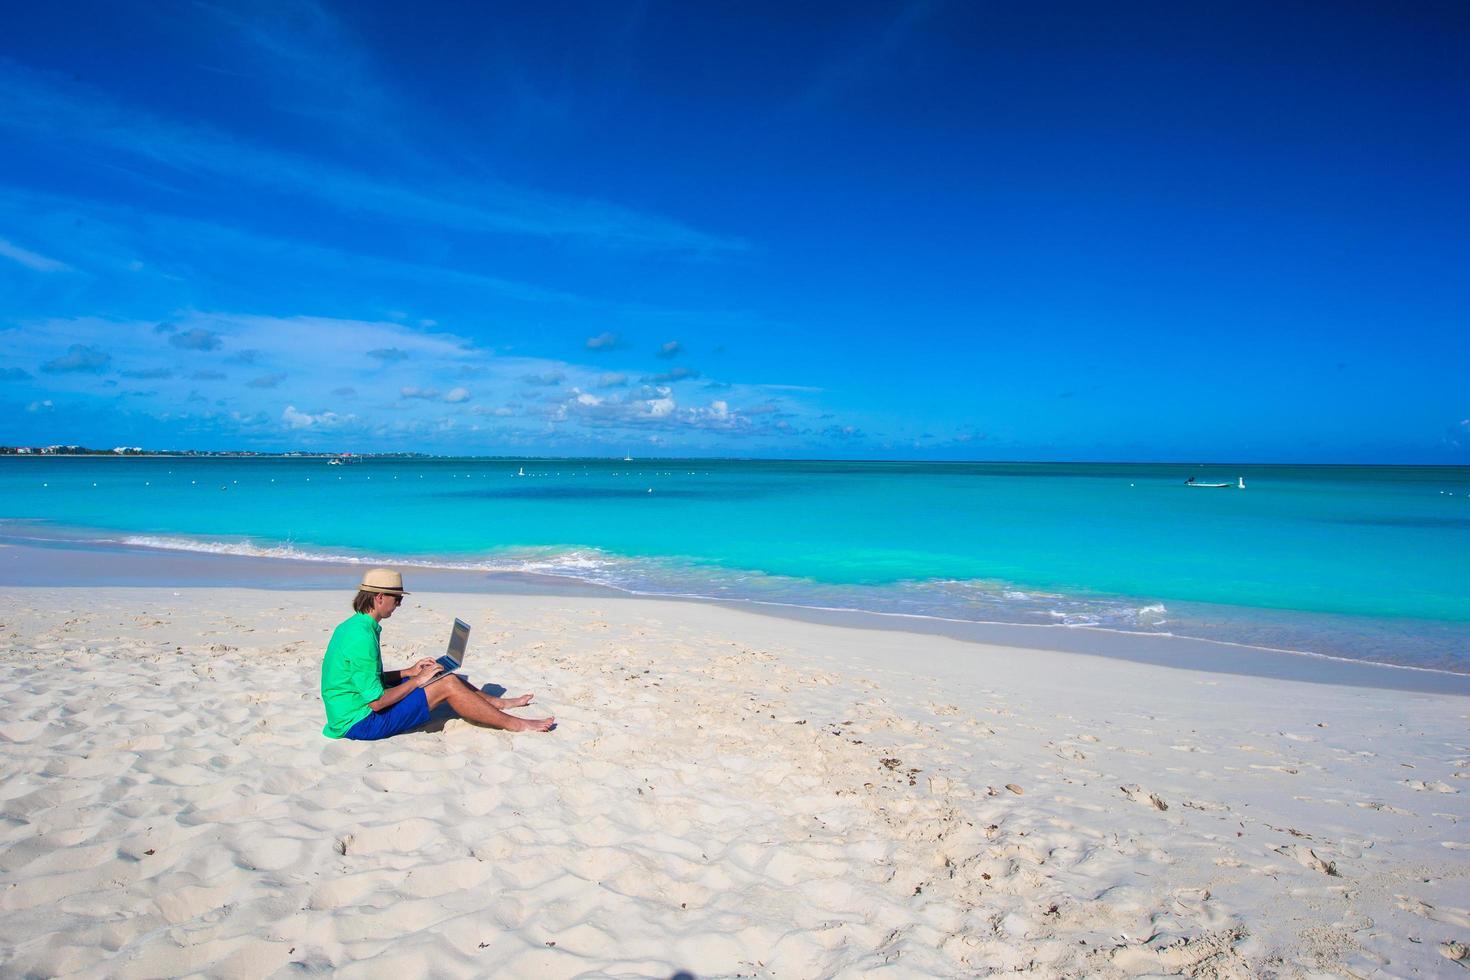 Mann mit einem Laptop am Strand foto